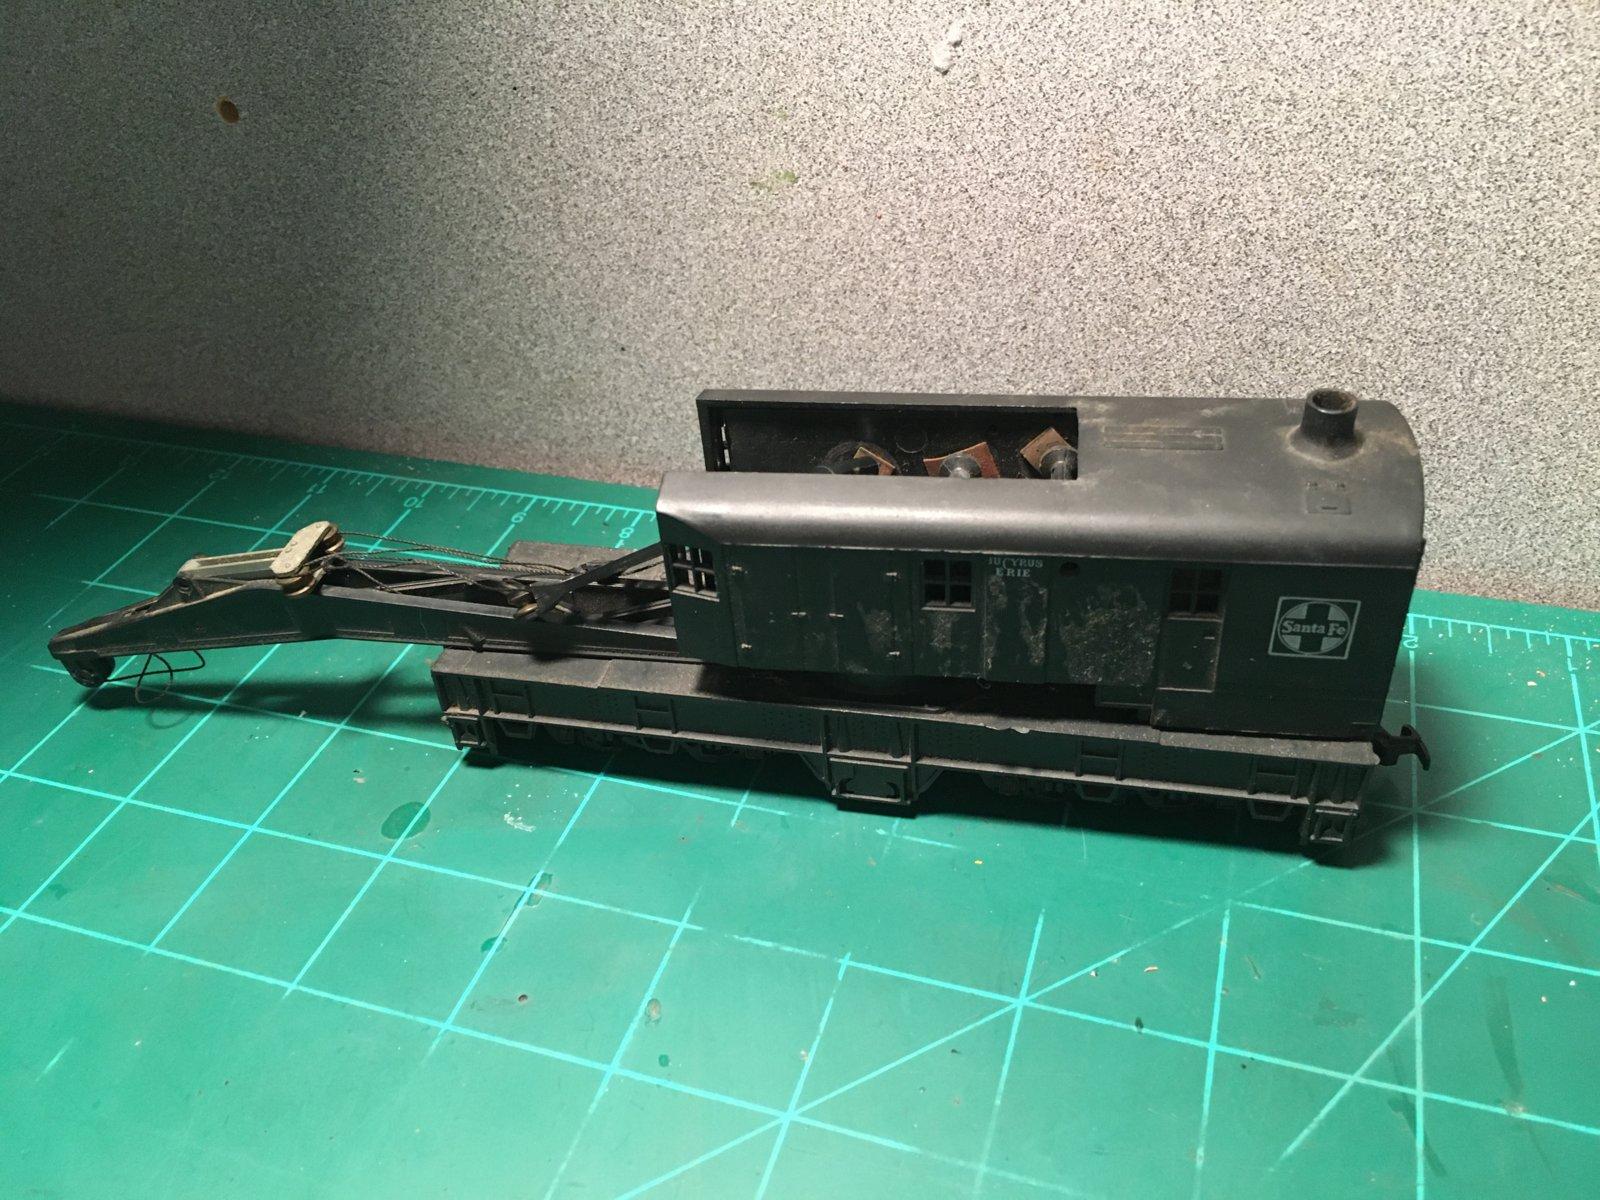 56DC1A8C-0B16-43B6-AC9D-5FD7B8654E14.jpeg